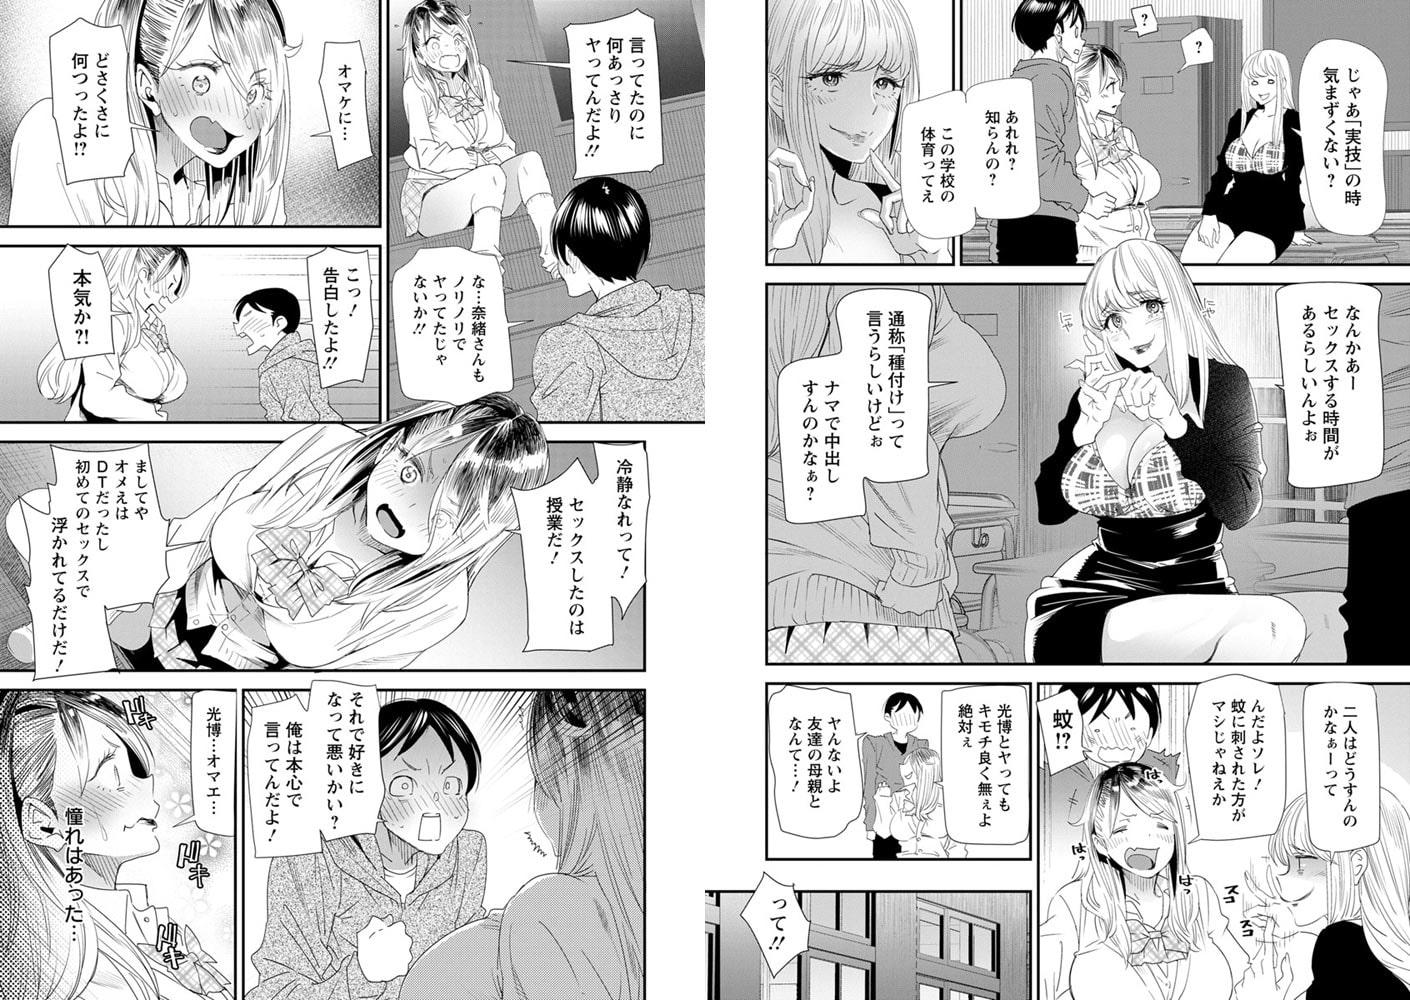 奈緒さんの秘め事 ~元ヤンギャル人妻、定時制学園に通う~